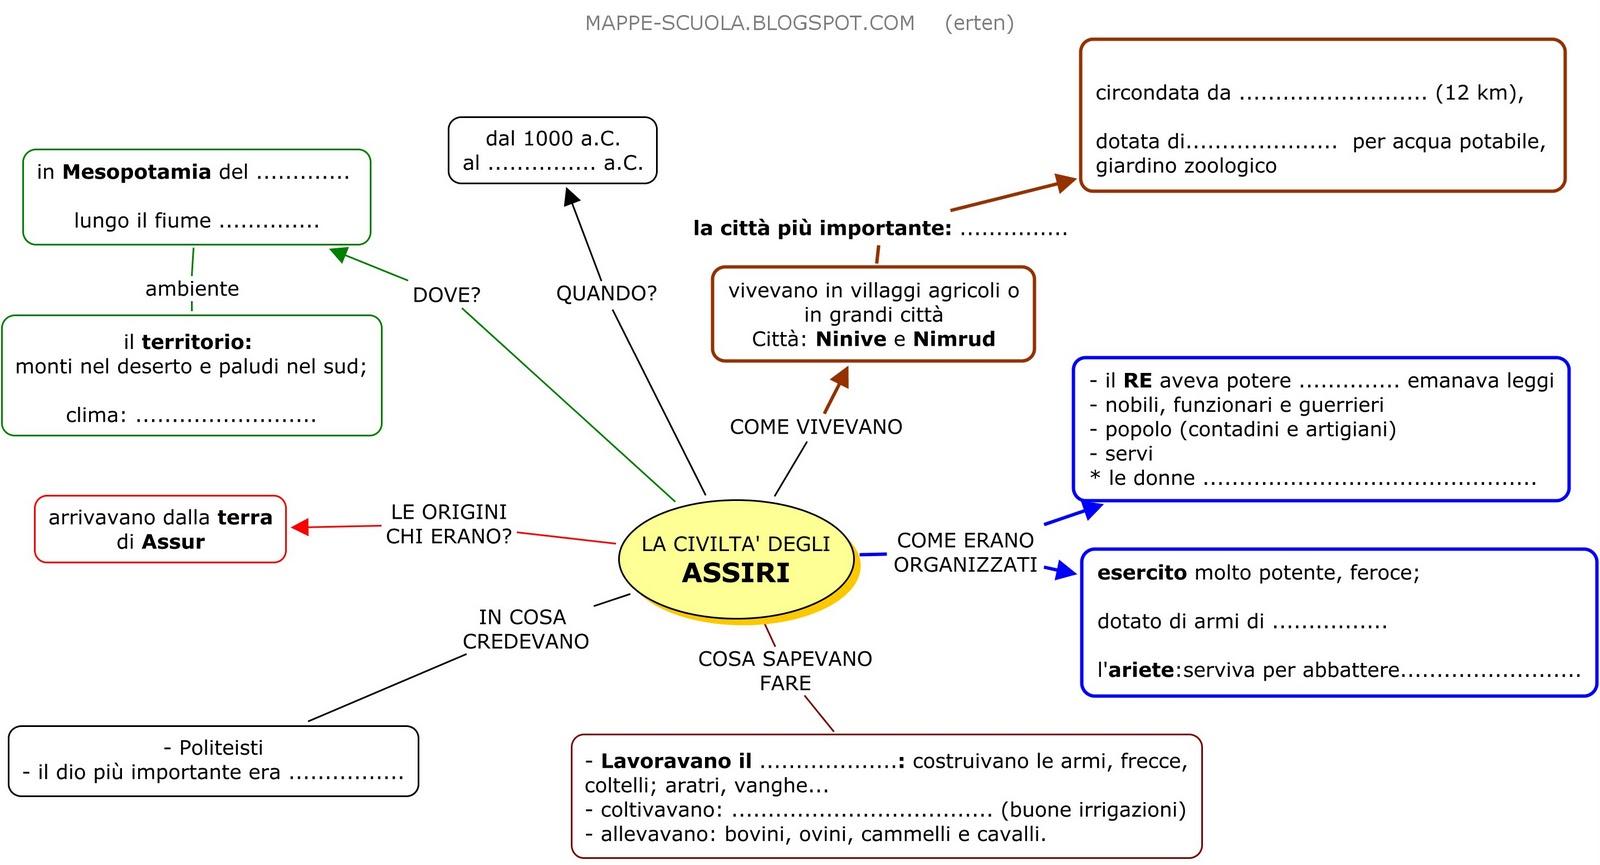 Popolare MAPPE per la SCUOLA: GLI ASSIRI WZ04